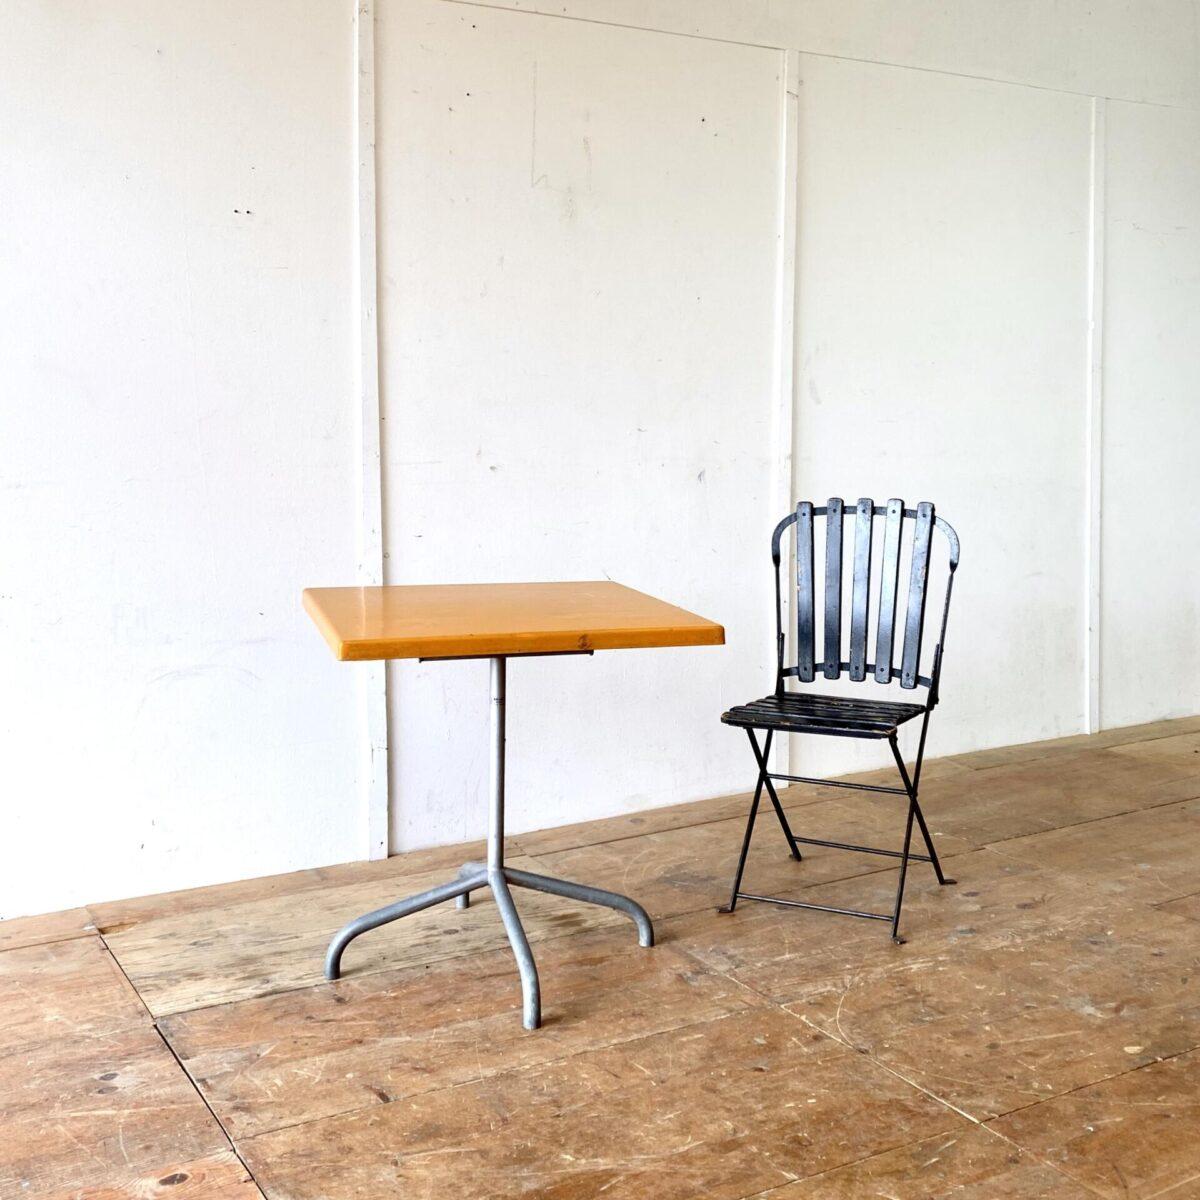 Deuxieme.shop Bättig designklassiker. Vintage Gartentisch von Bättig. 70x70cm Höhe 70cm. Preis pro Tisch. Wetterbeständiger Klapptisch mit Fieberglas Tischplatte. Der Metallfuss ist feuerverzinkt. Die Orange Farbe ist etwas Sonnenverbleicht, ebenfalls hat es kleinere hicke und Schrammen. Polyester ist aber ein sehr langlebiges Material welches auch gut frisch lackiert oder in der gewünschten Farbe angemalt werden kann.